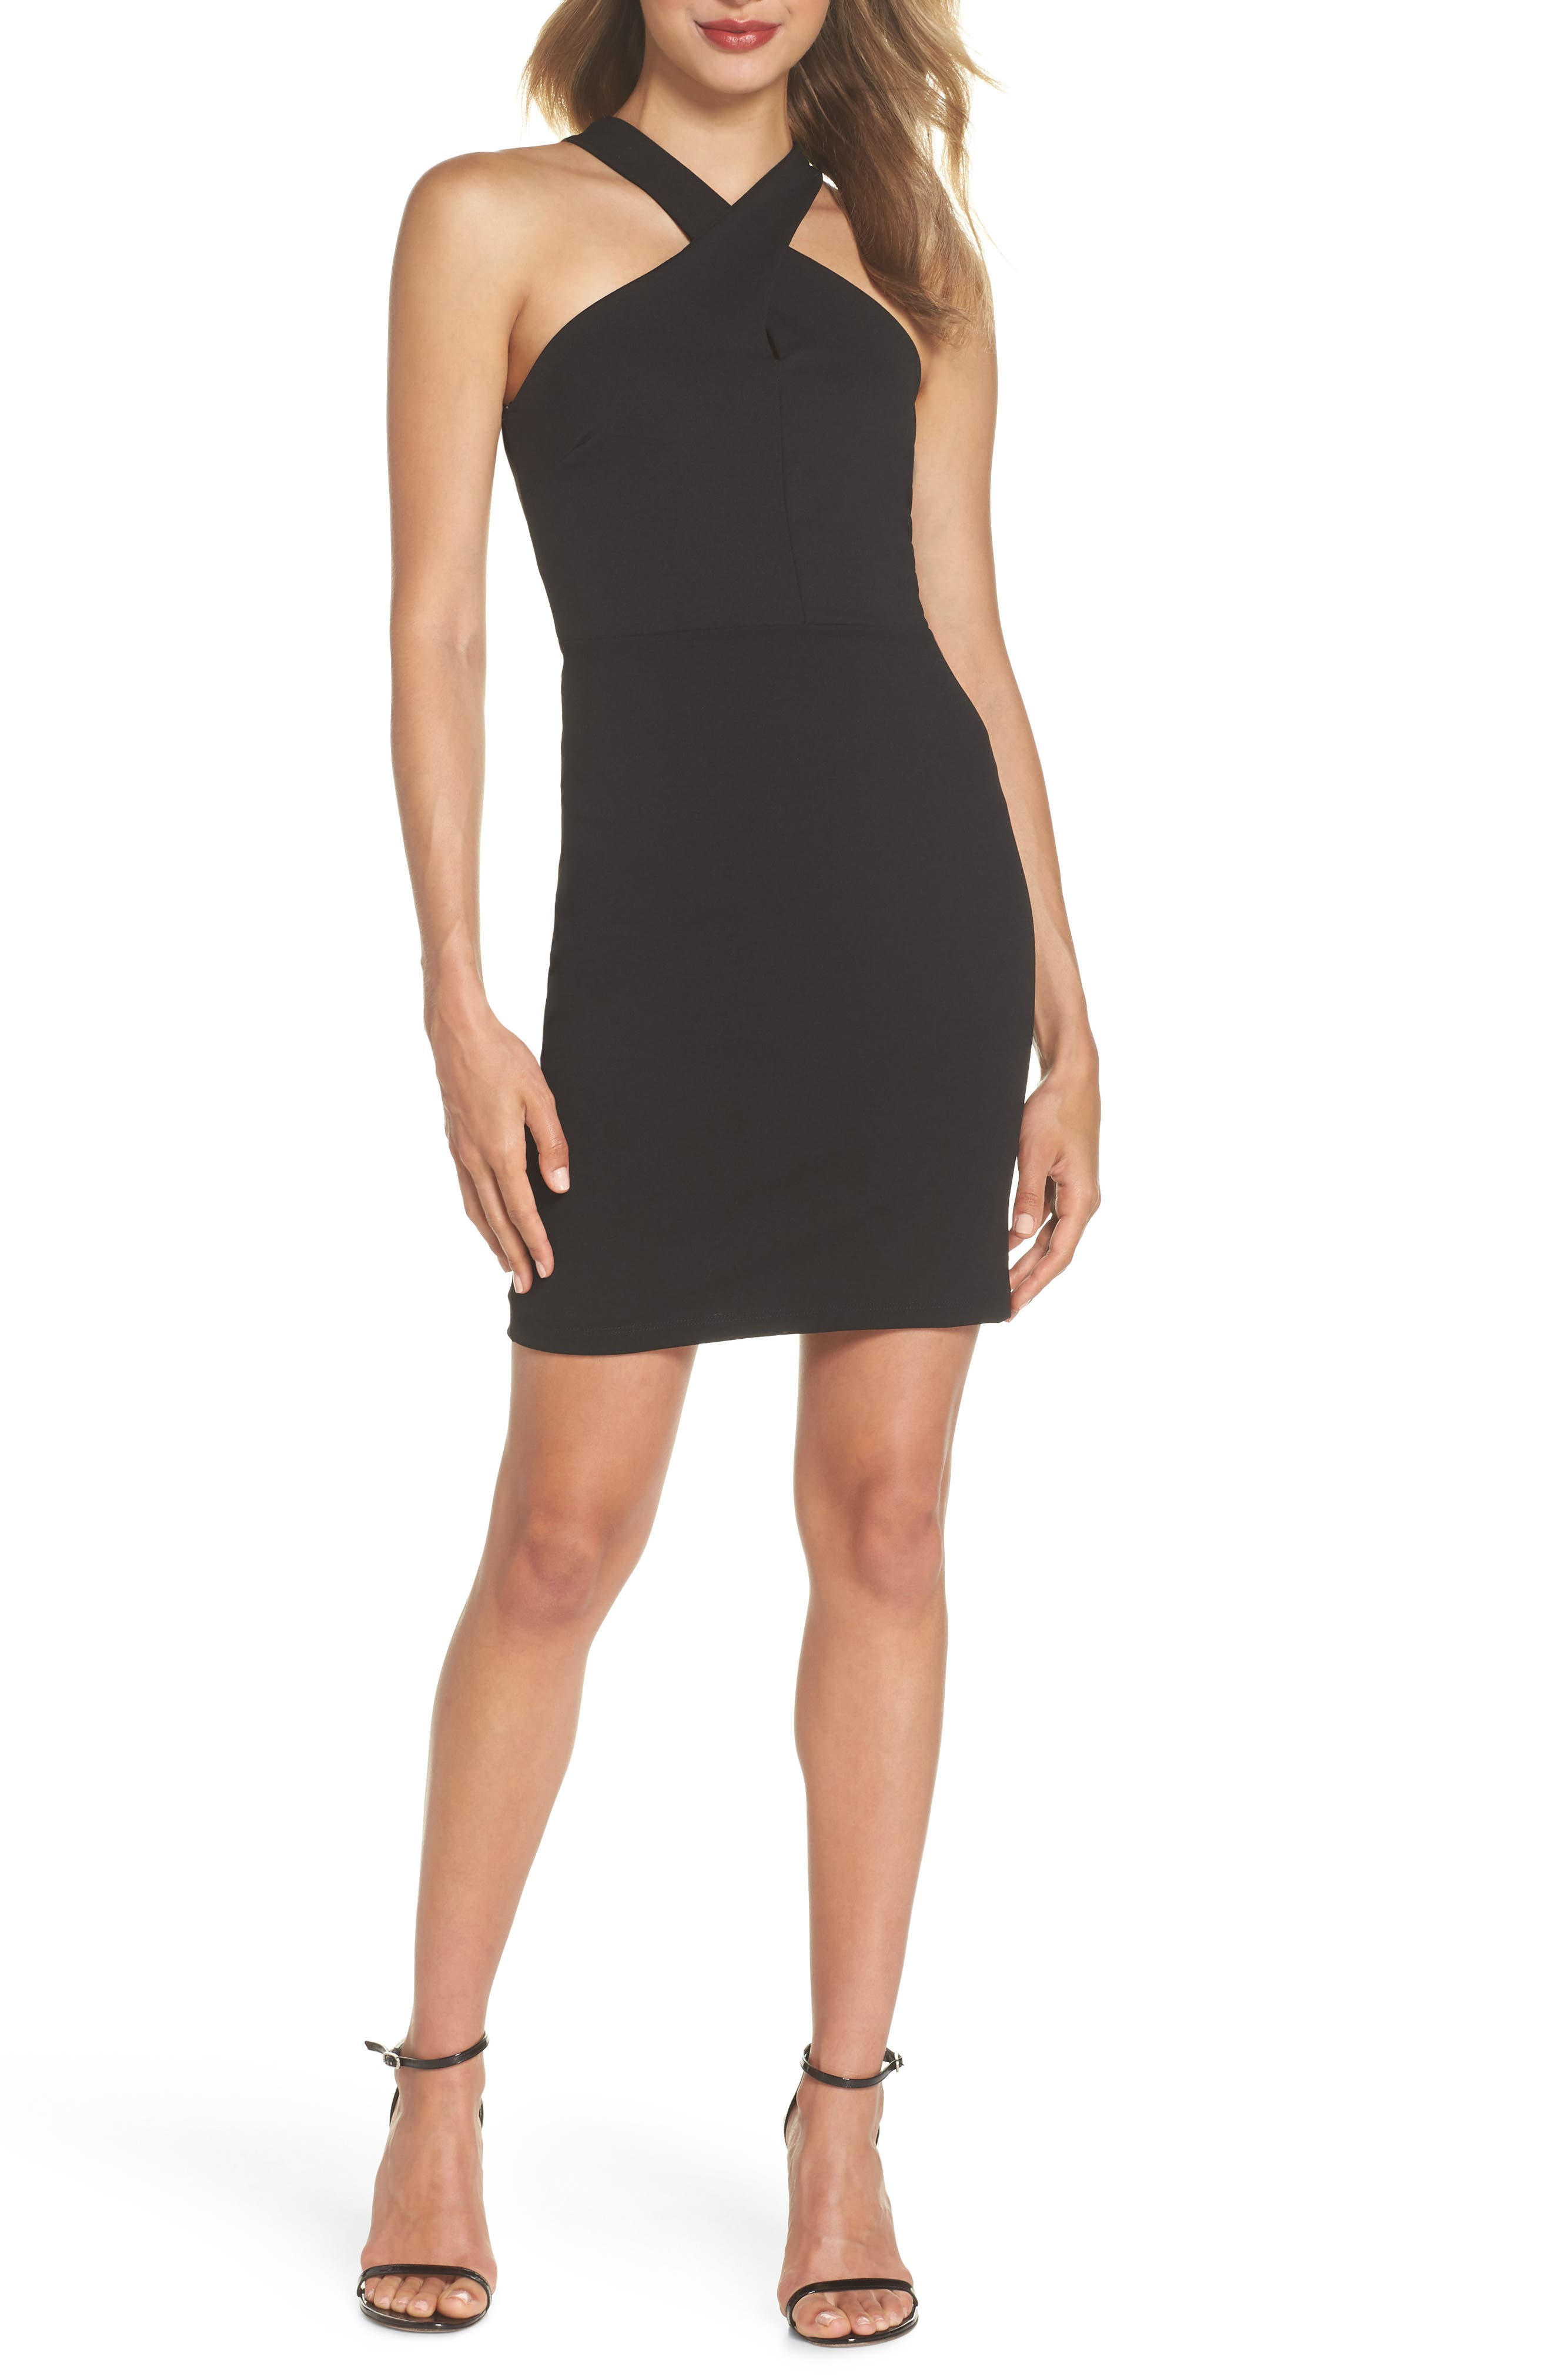 Lulus Thrive Racerback Minidress, Black